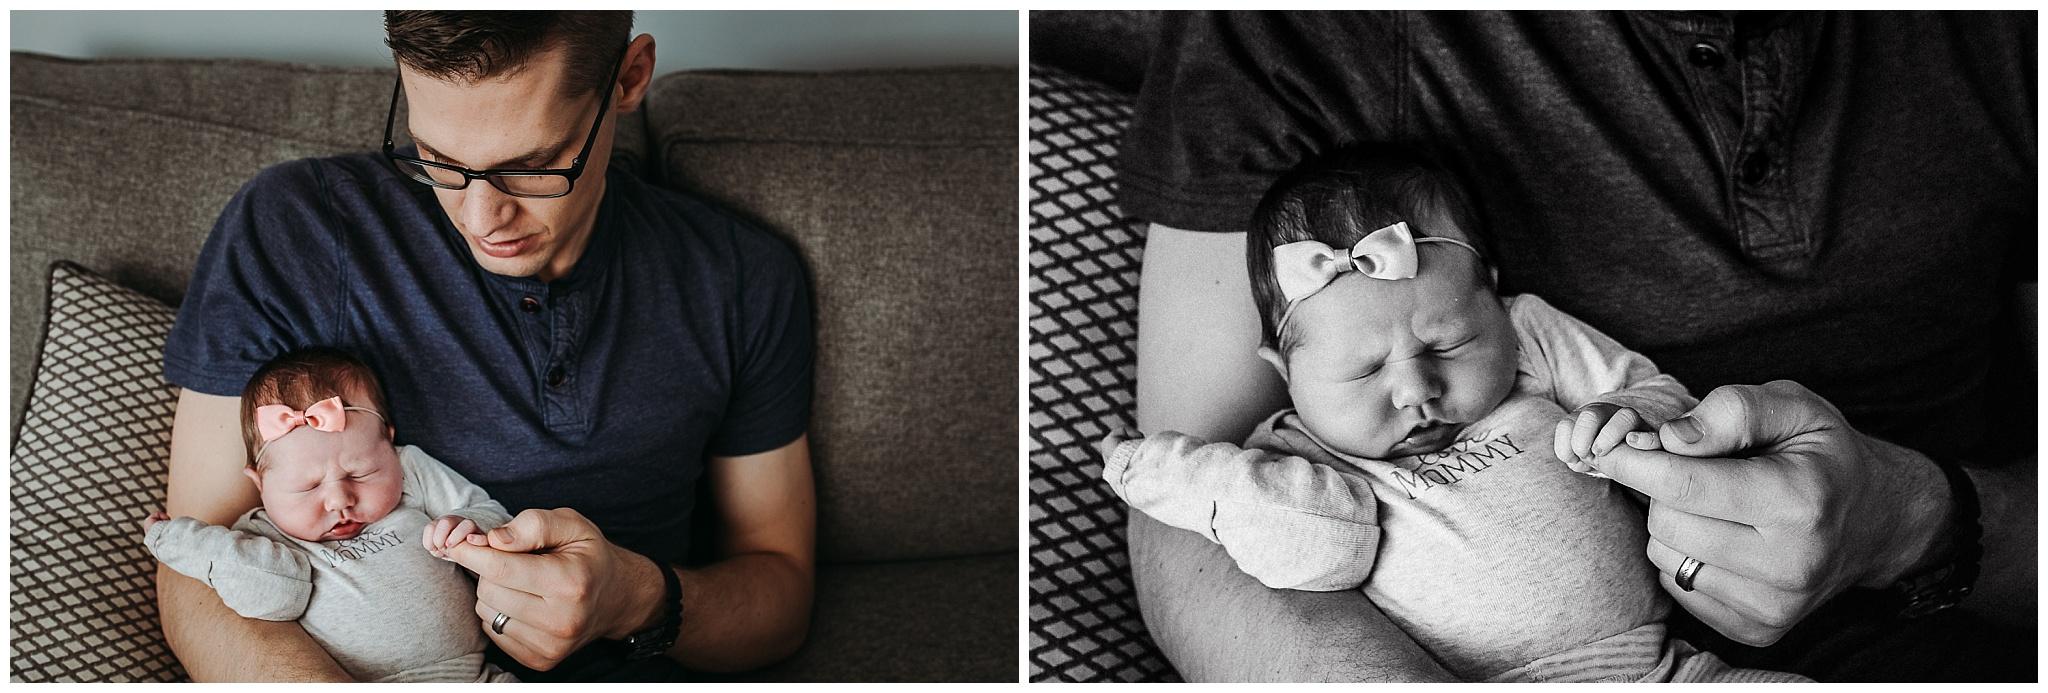 Newborn-Fresh48-Family-Photographer-Chilliwack-1.jpg